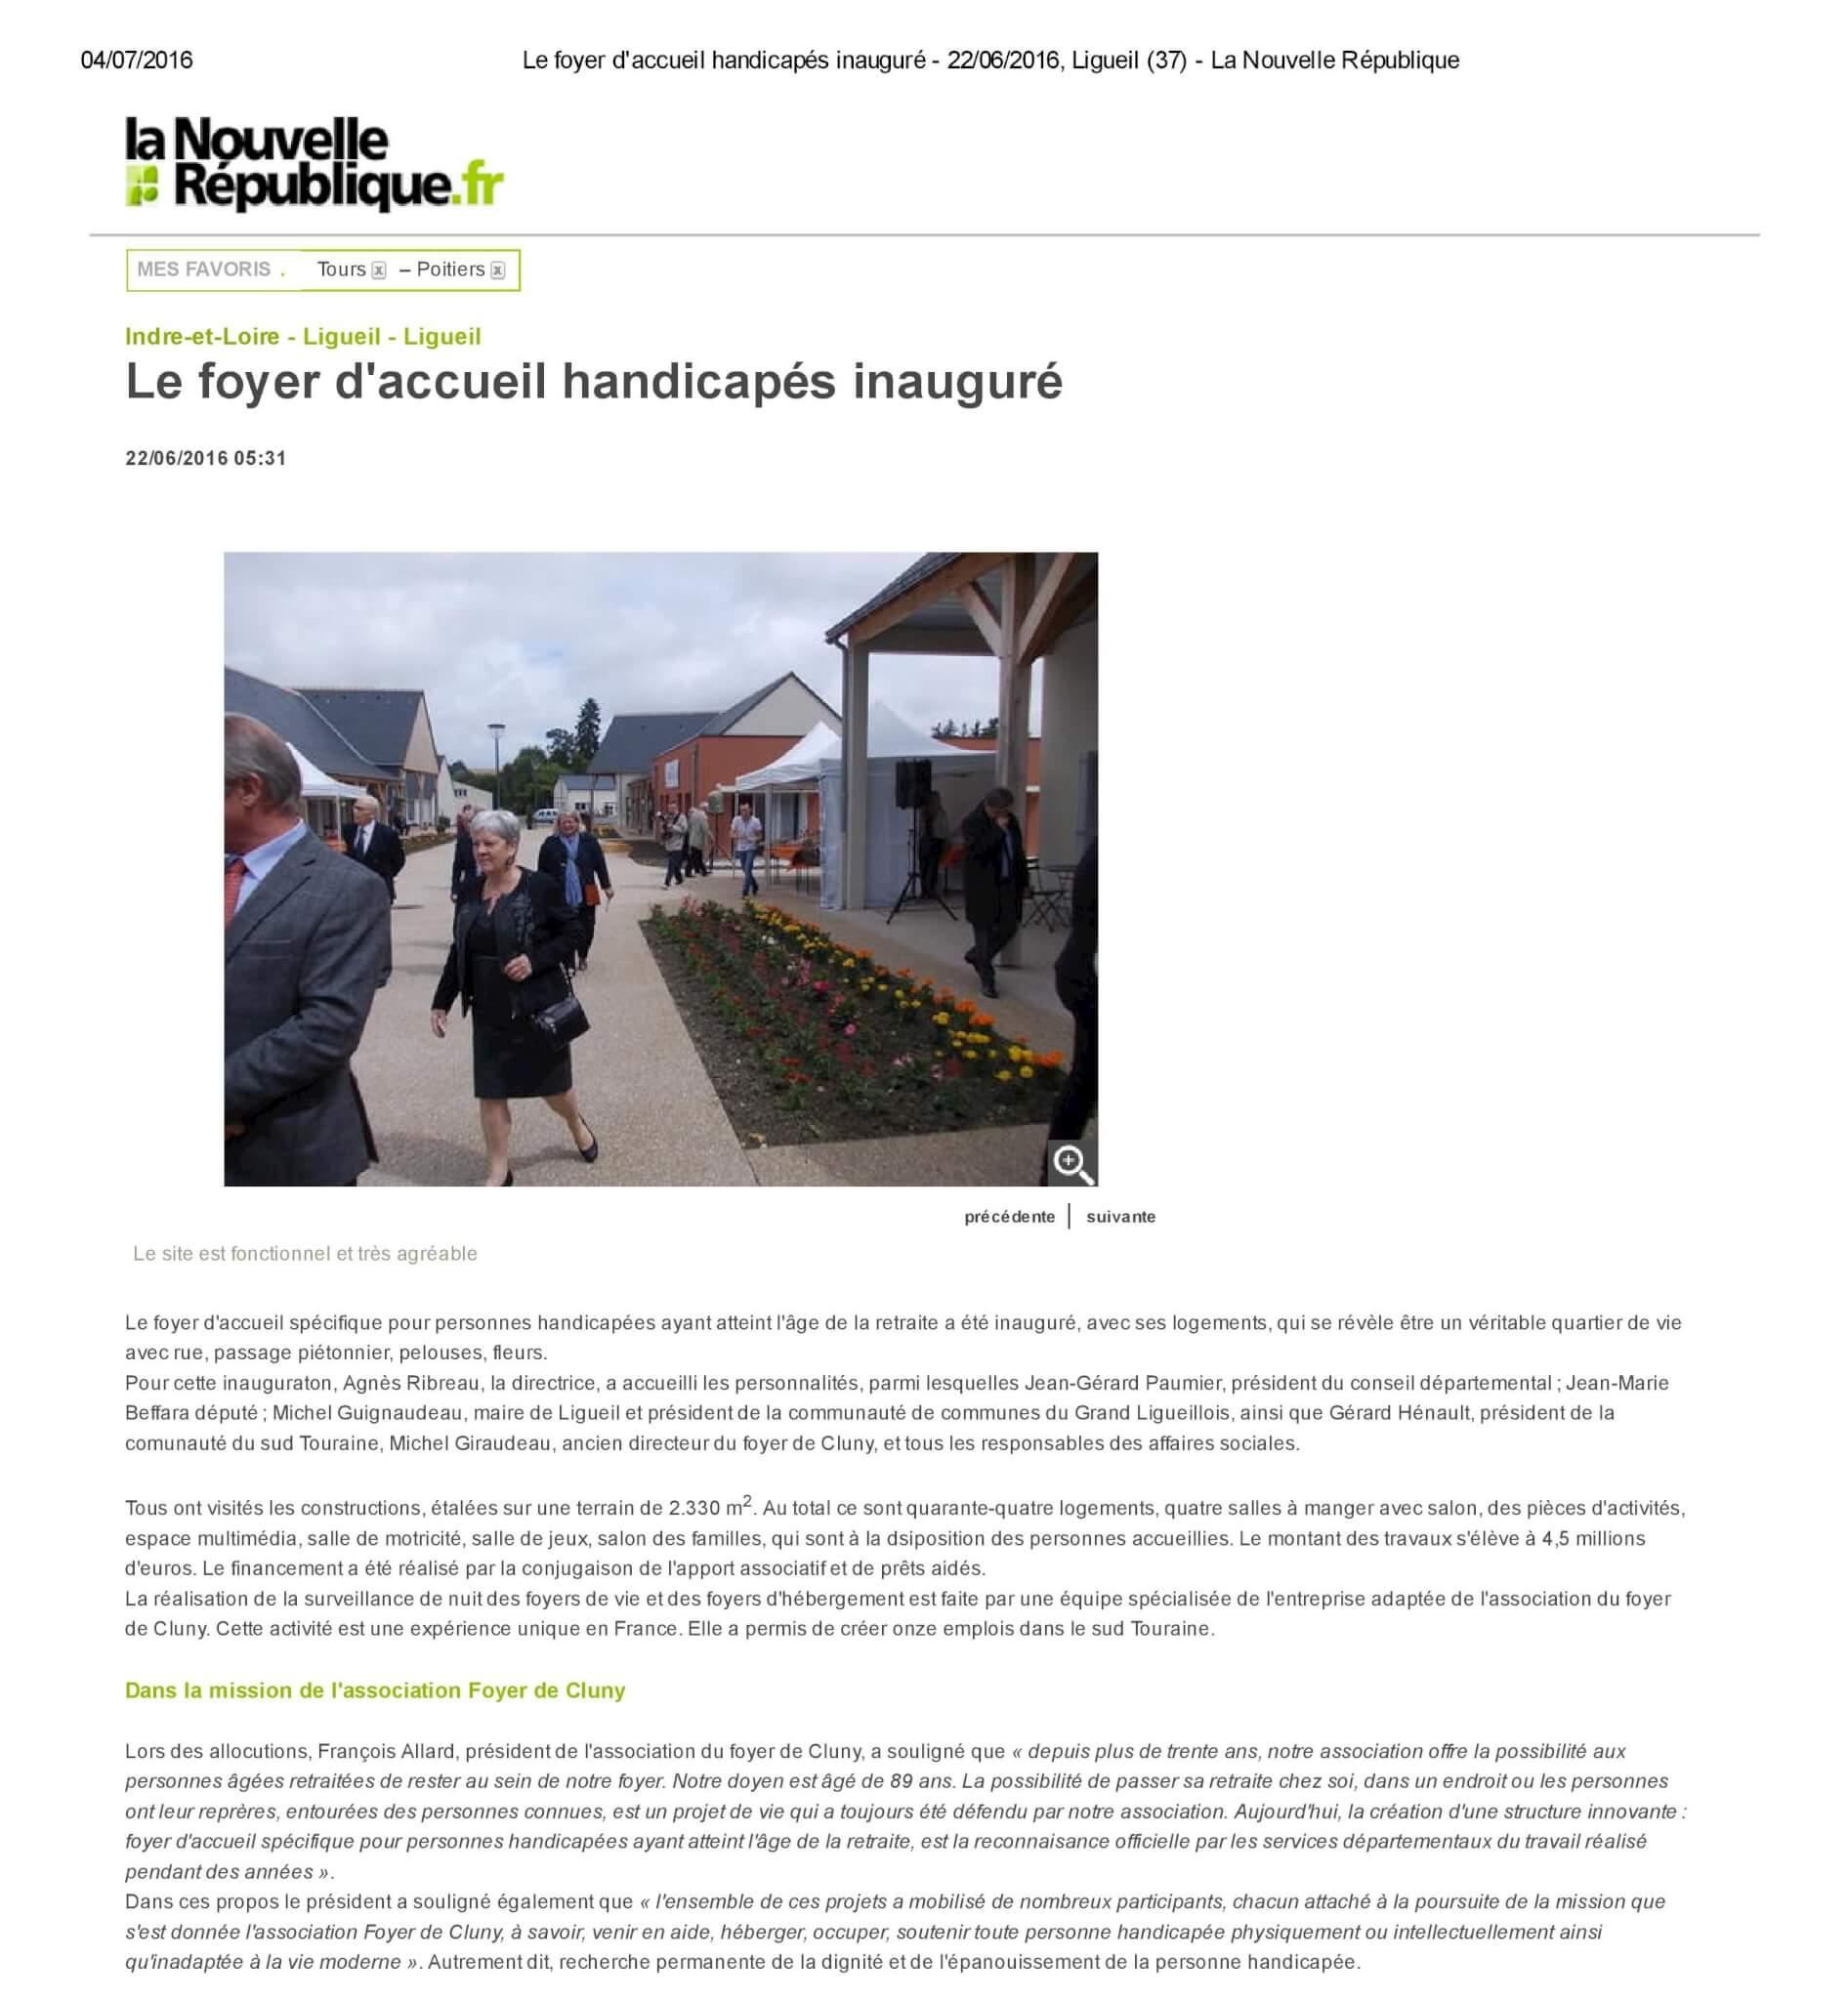 Le foyer d accueil handicapés inauguré - 22_06_2016, Ligueil (37) - La Nouvelle République-page-001